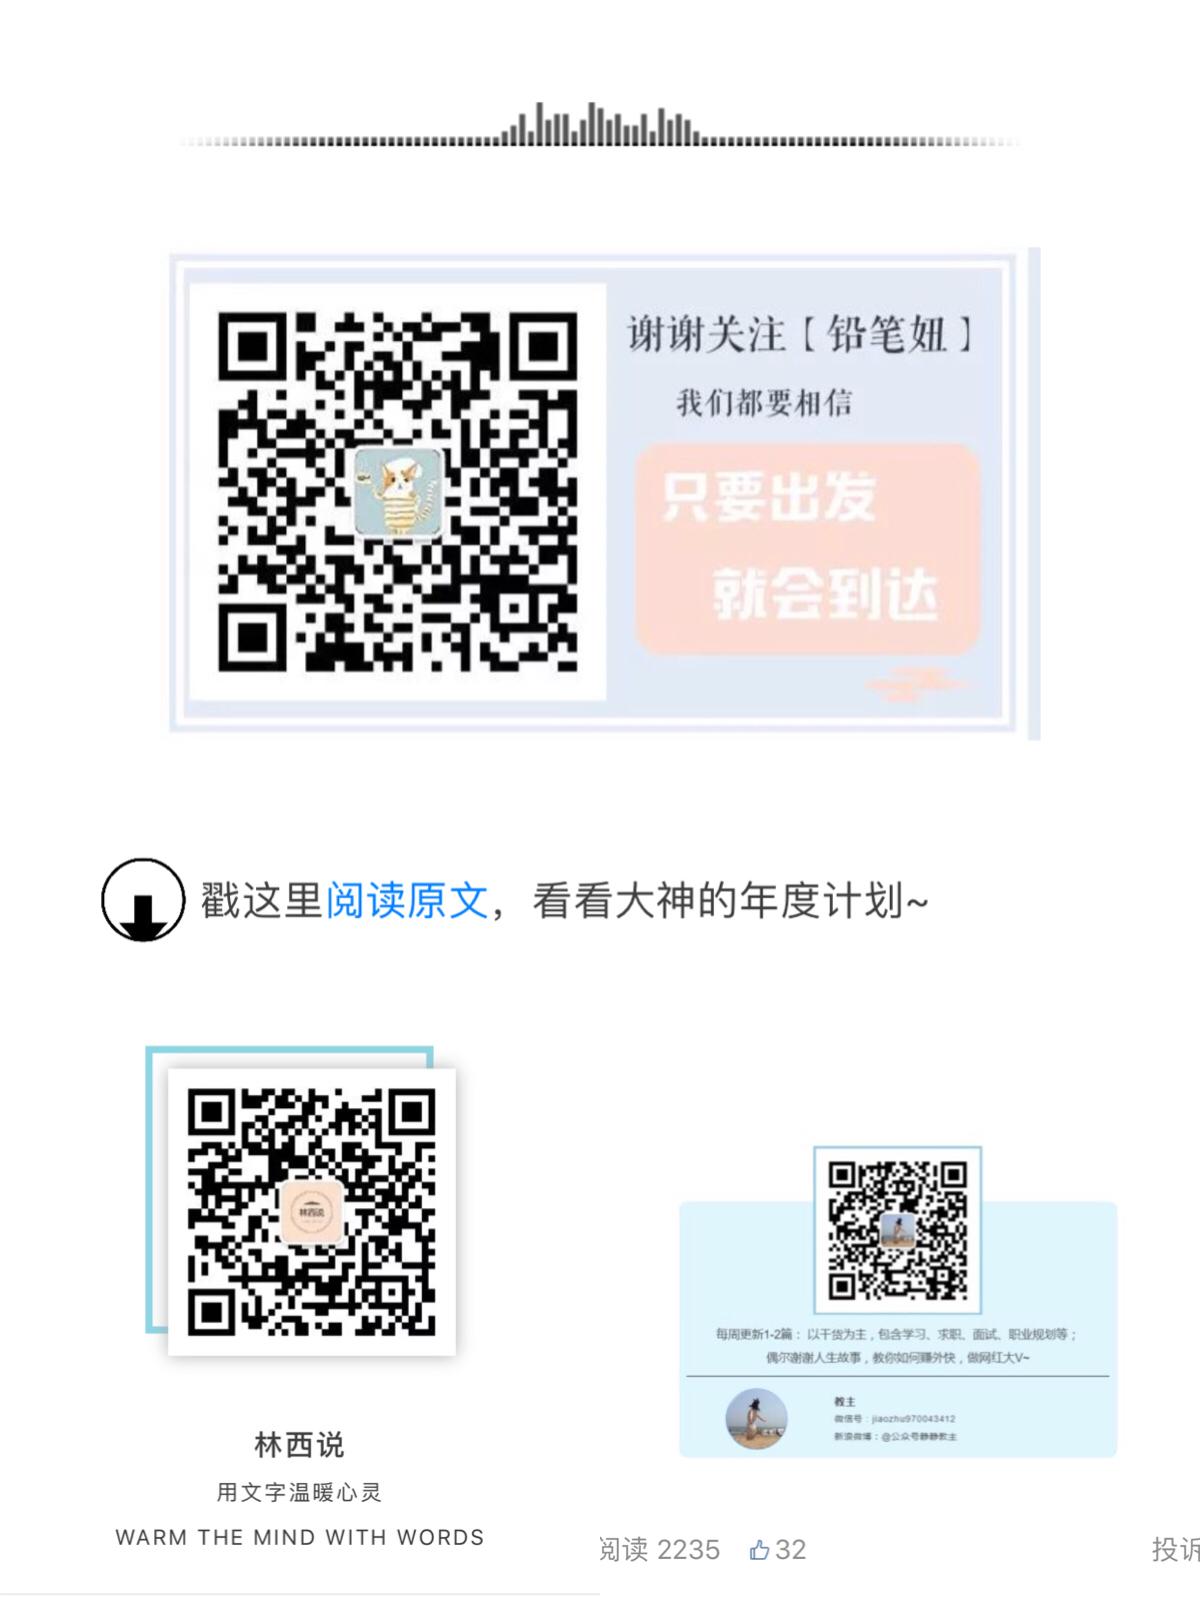 微信图片_20180105162425.jpg